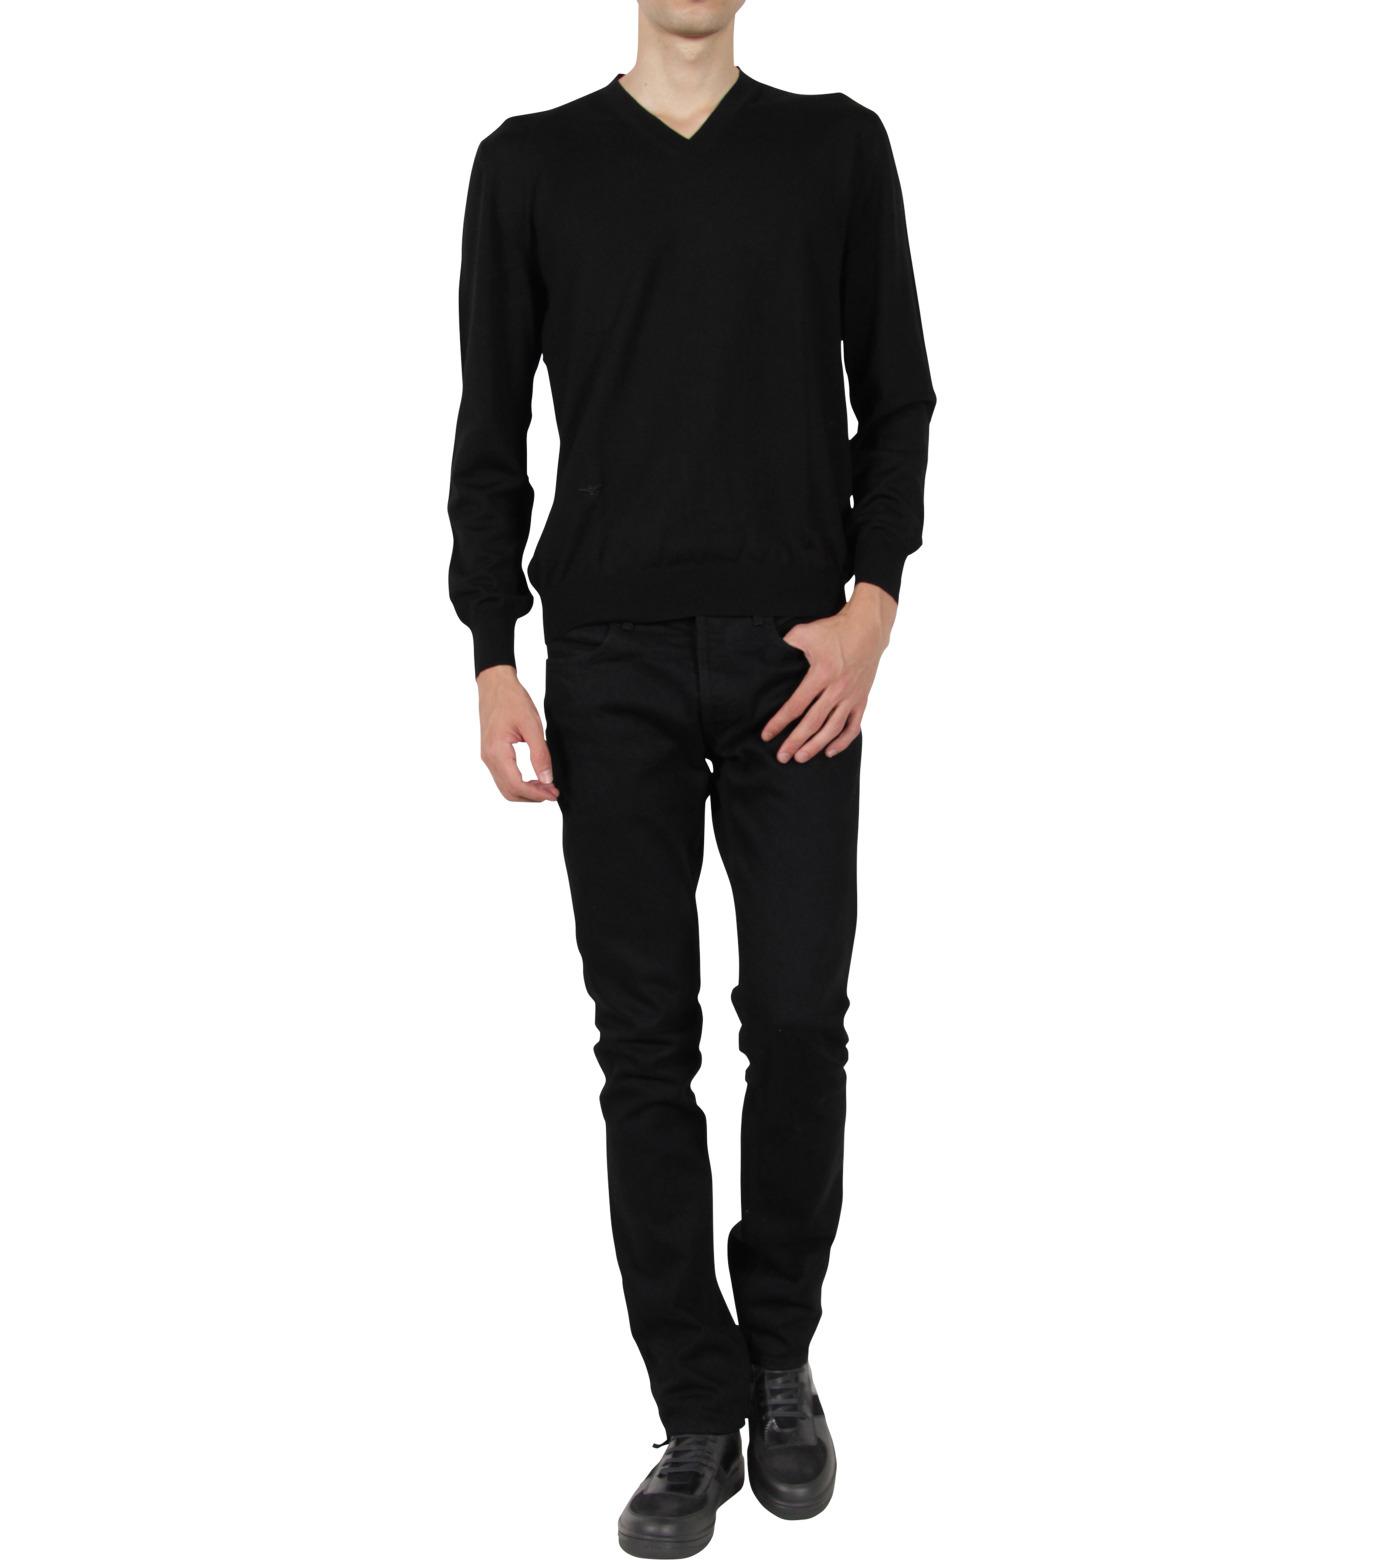 Marc Jacobs(マーク ジェイコブス)のSide zip sneaker-BLACK-WS0076-13 拡大詳細画像5